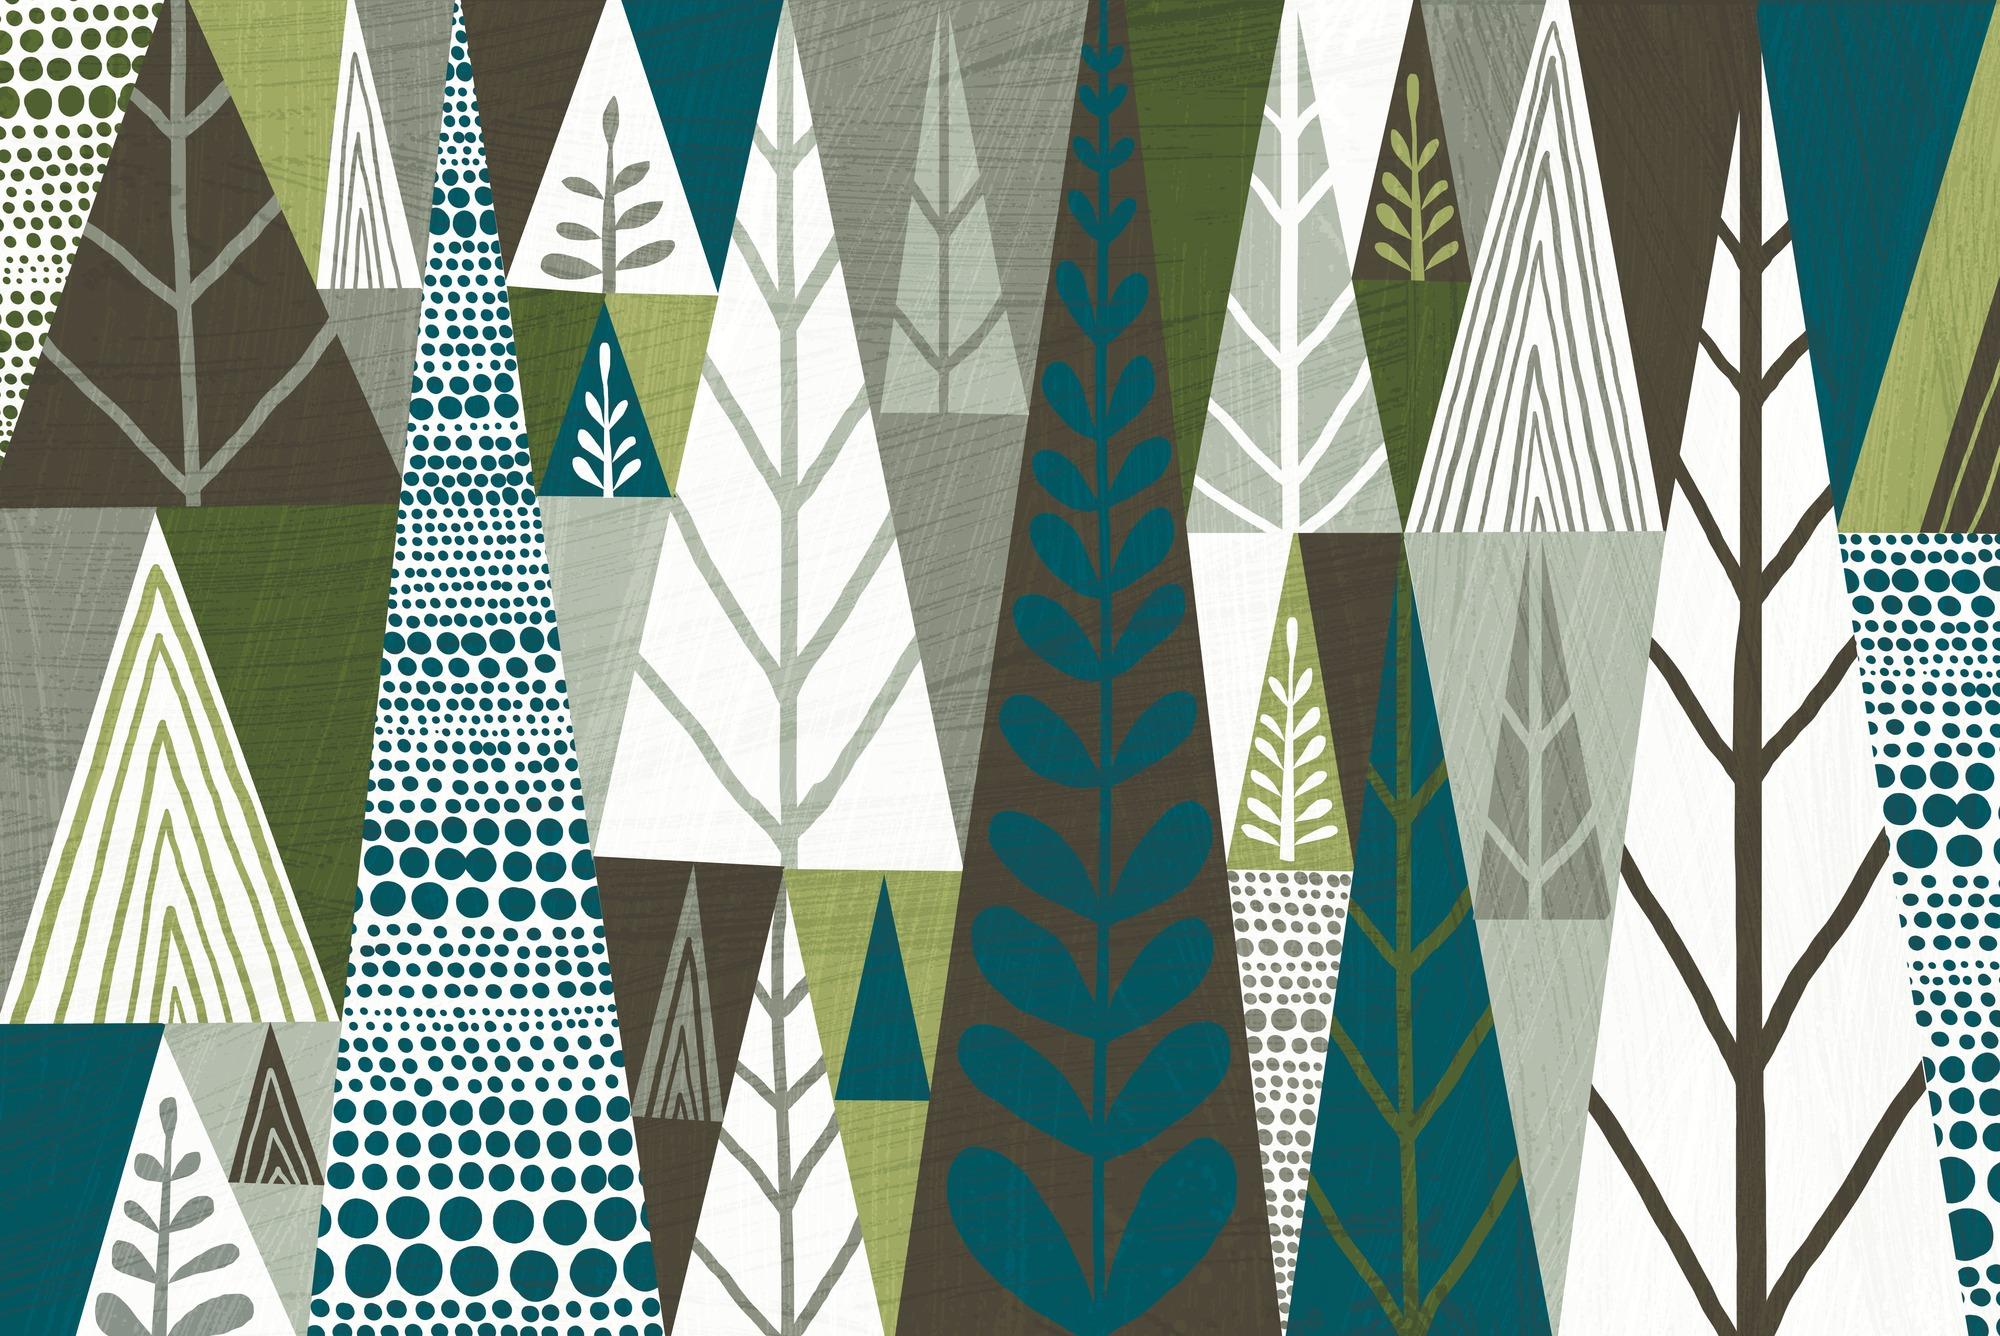 geometric forest green wall murals wallpaper wallsauce usa geometric forest green wall mural photo wallpaper